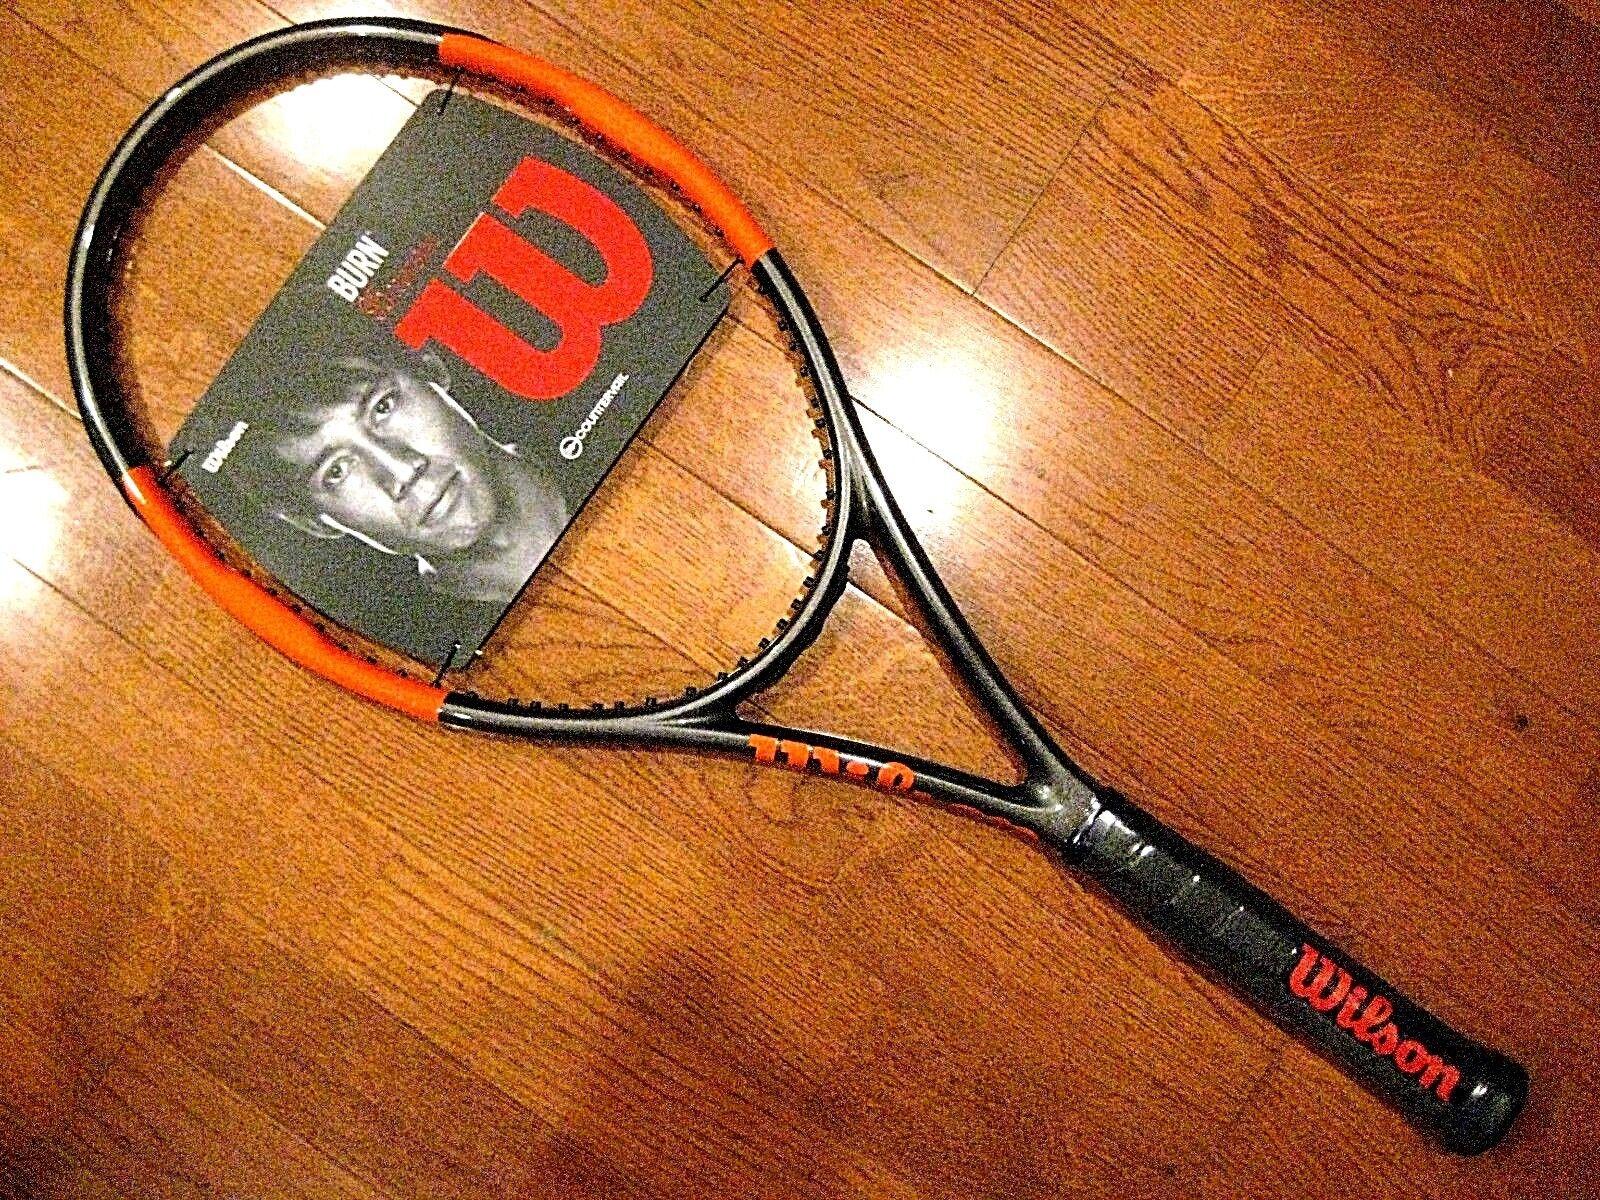 Quemadura 95 countervail Tenis Raqueta Wilson (  totalmente Nuevo Nuevo Nuevo ) e45390